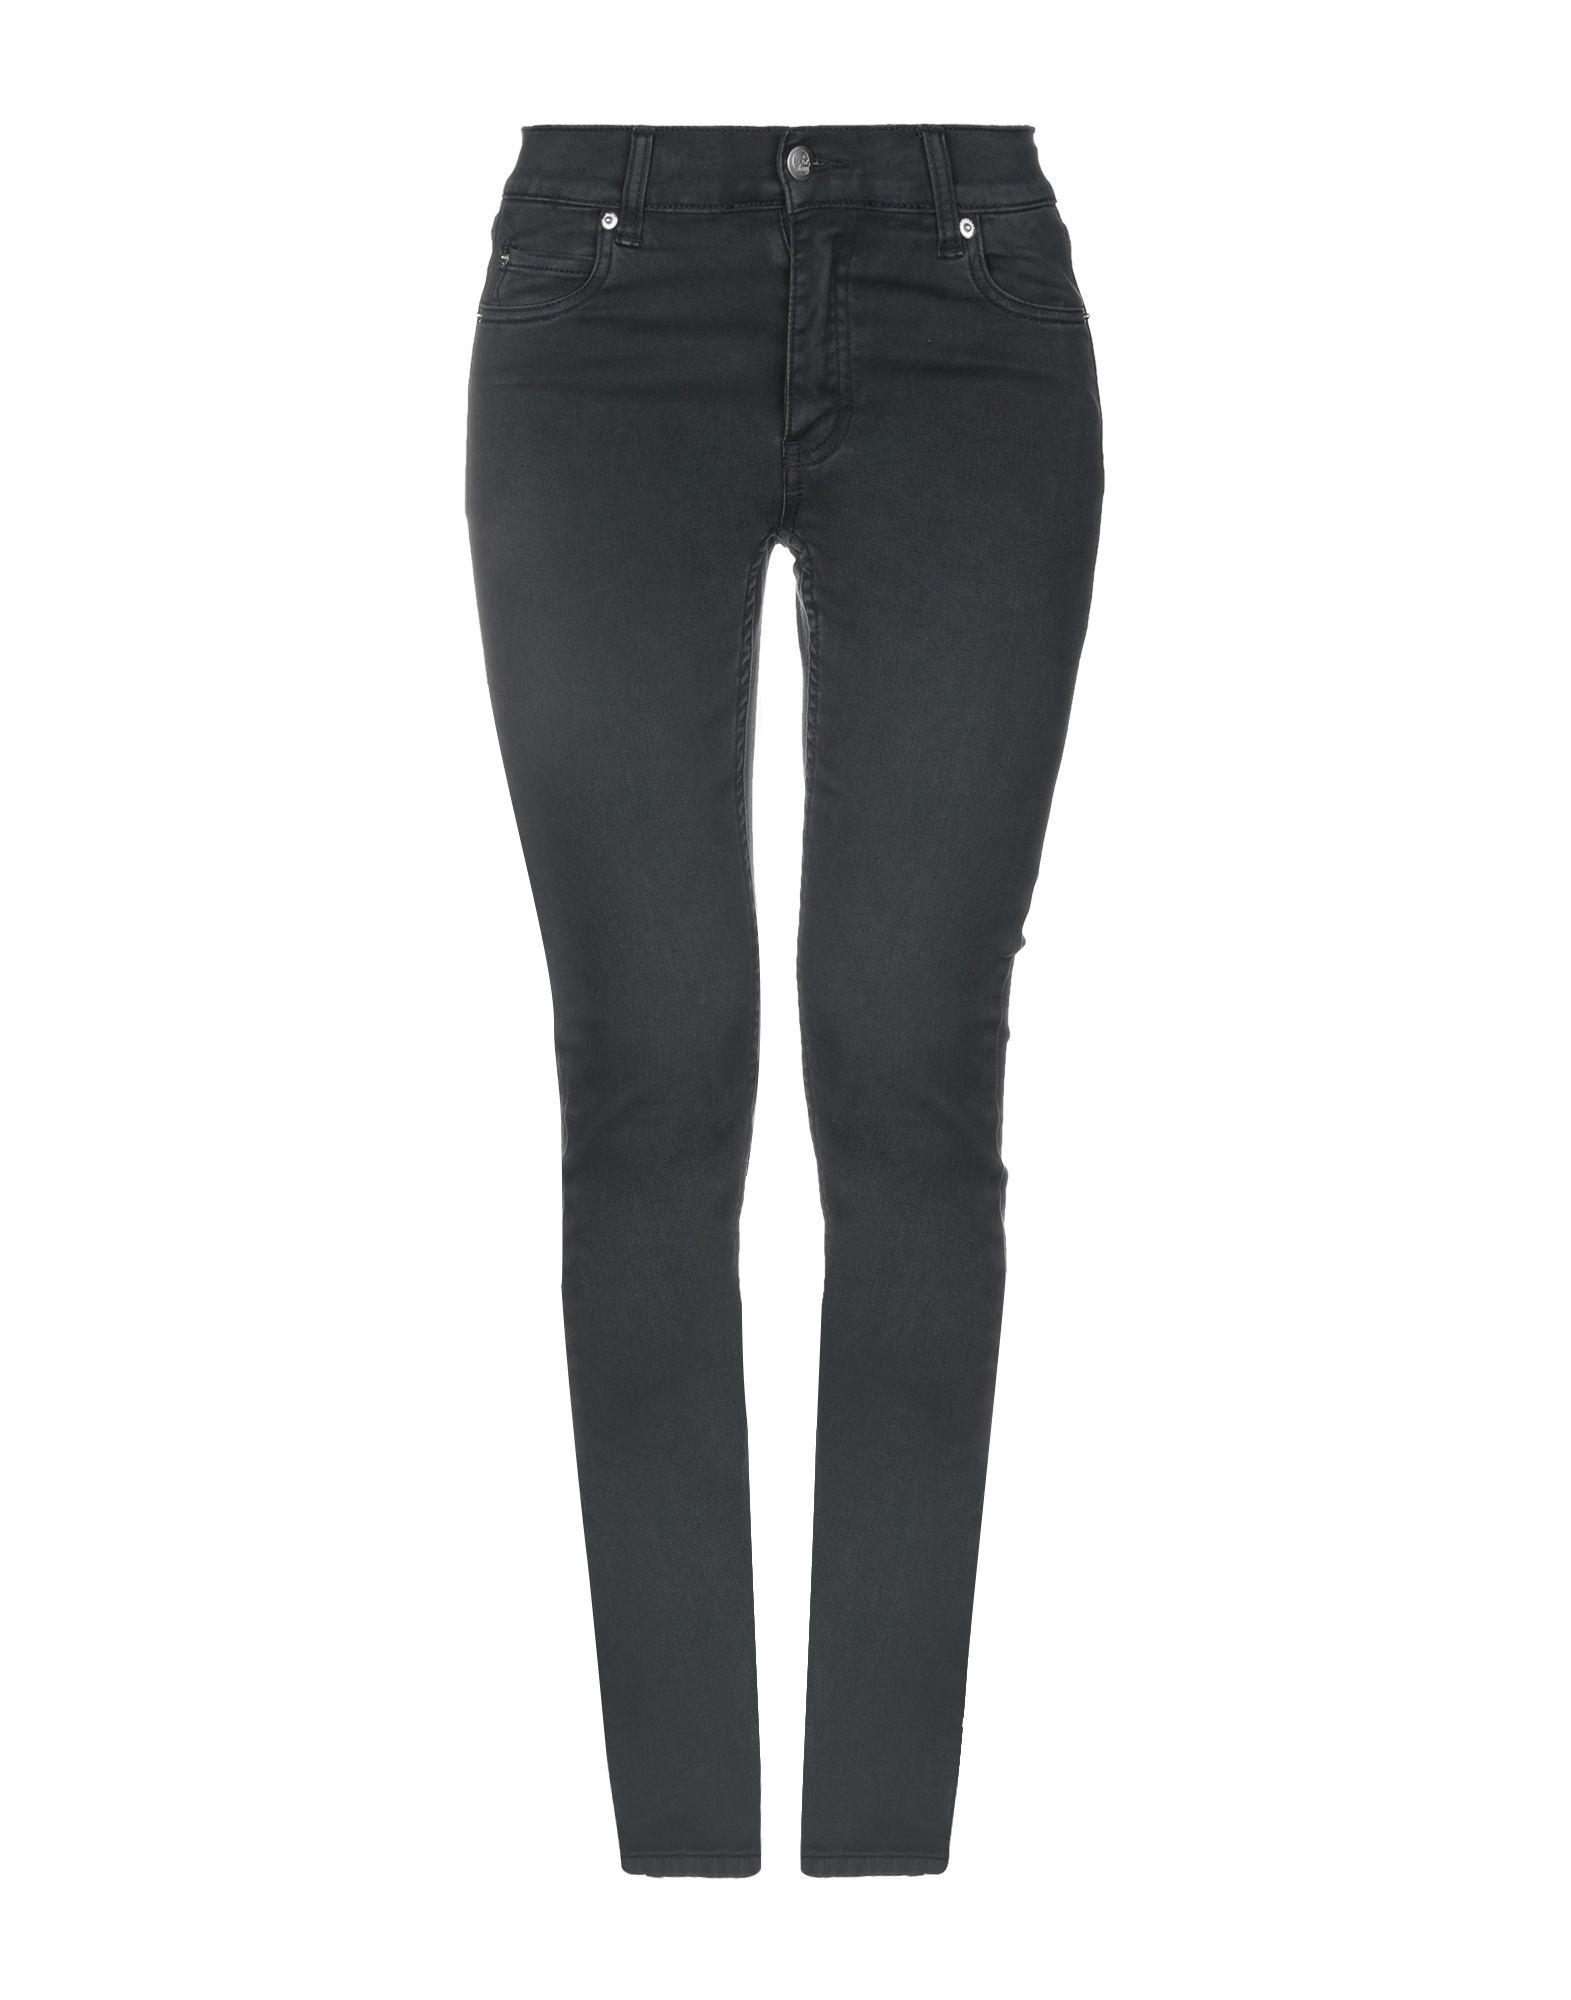 CHEAP MONDAY Джинсовые брюки джинсы женские cheap monday цвет синий 0499378 размер 25 32 40 32